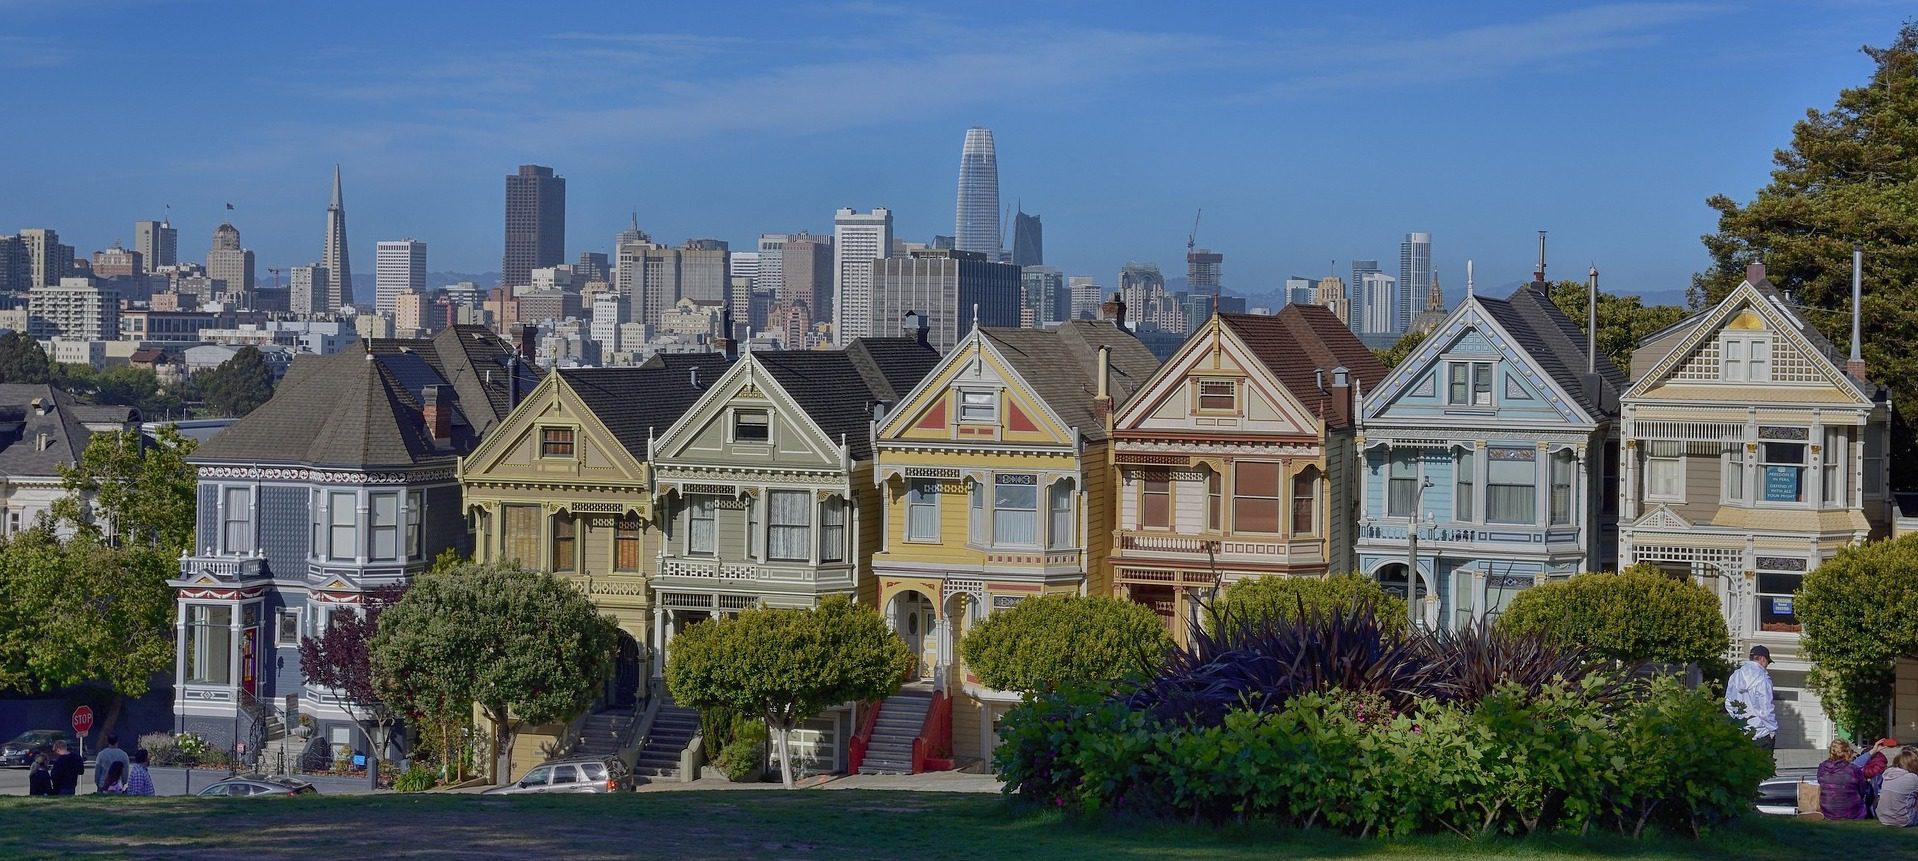 Painted Ladies, San Francisco, CA